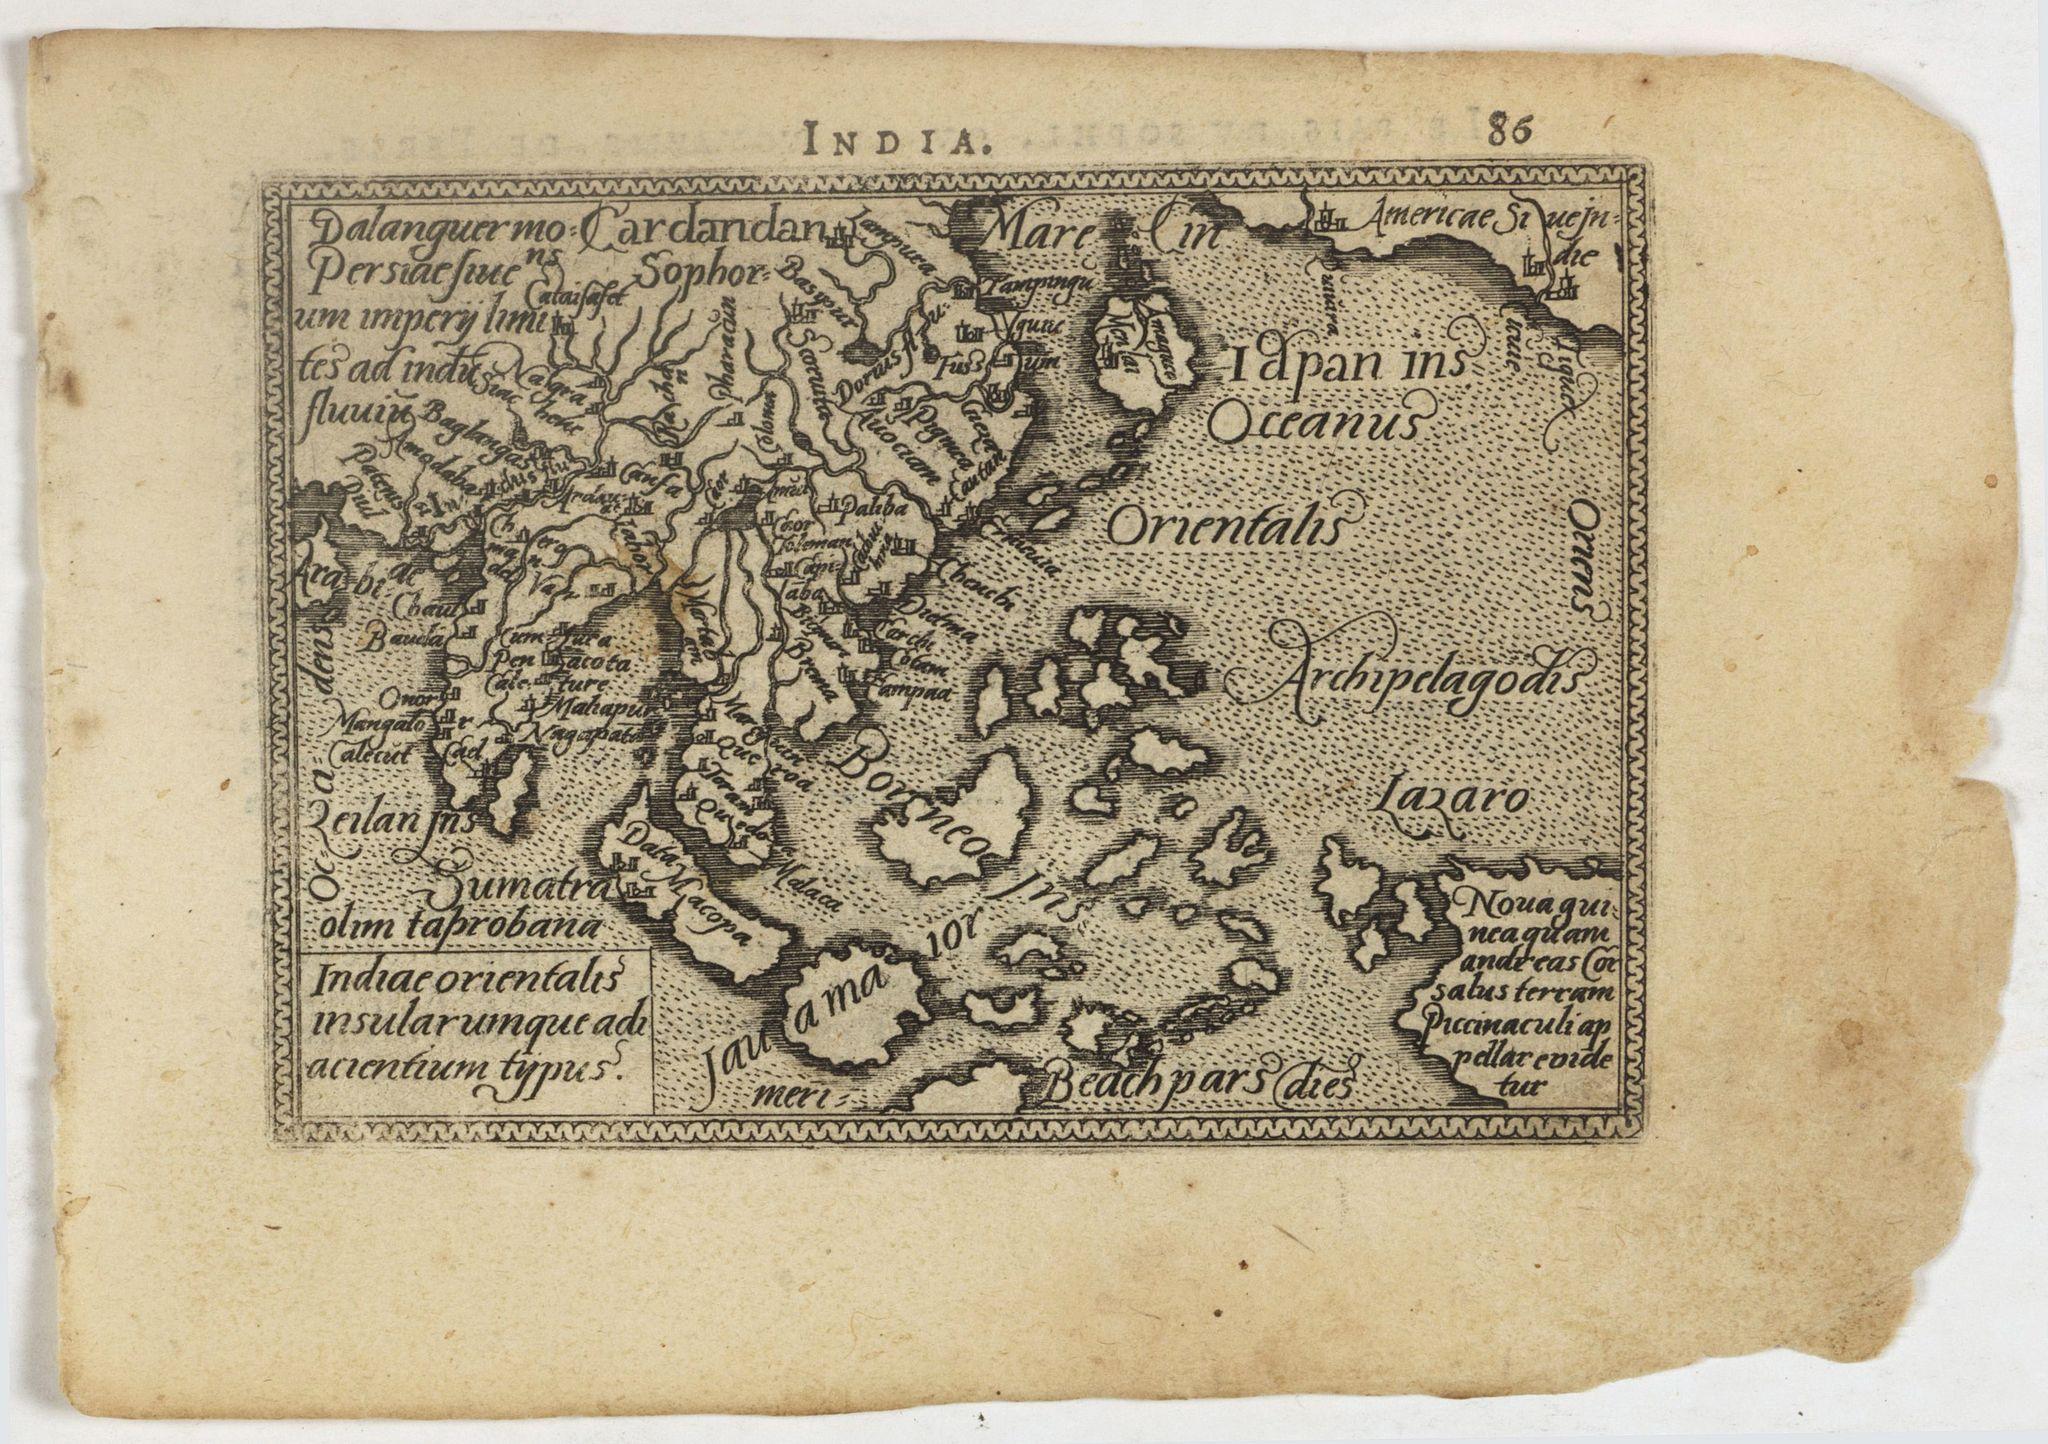 ORTELIUS, A. / GALLE, Ph. -  Indiae Orientalis, Insularumque Adiacentium Typus.